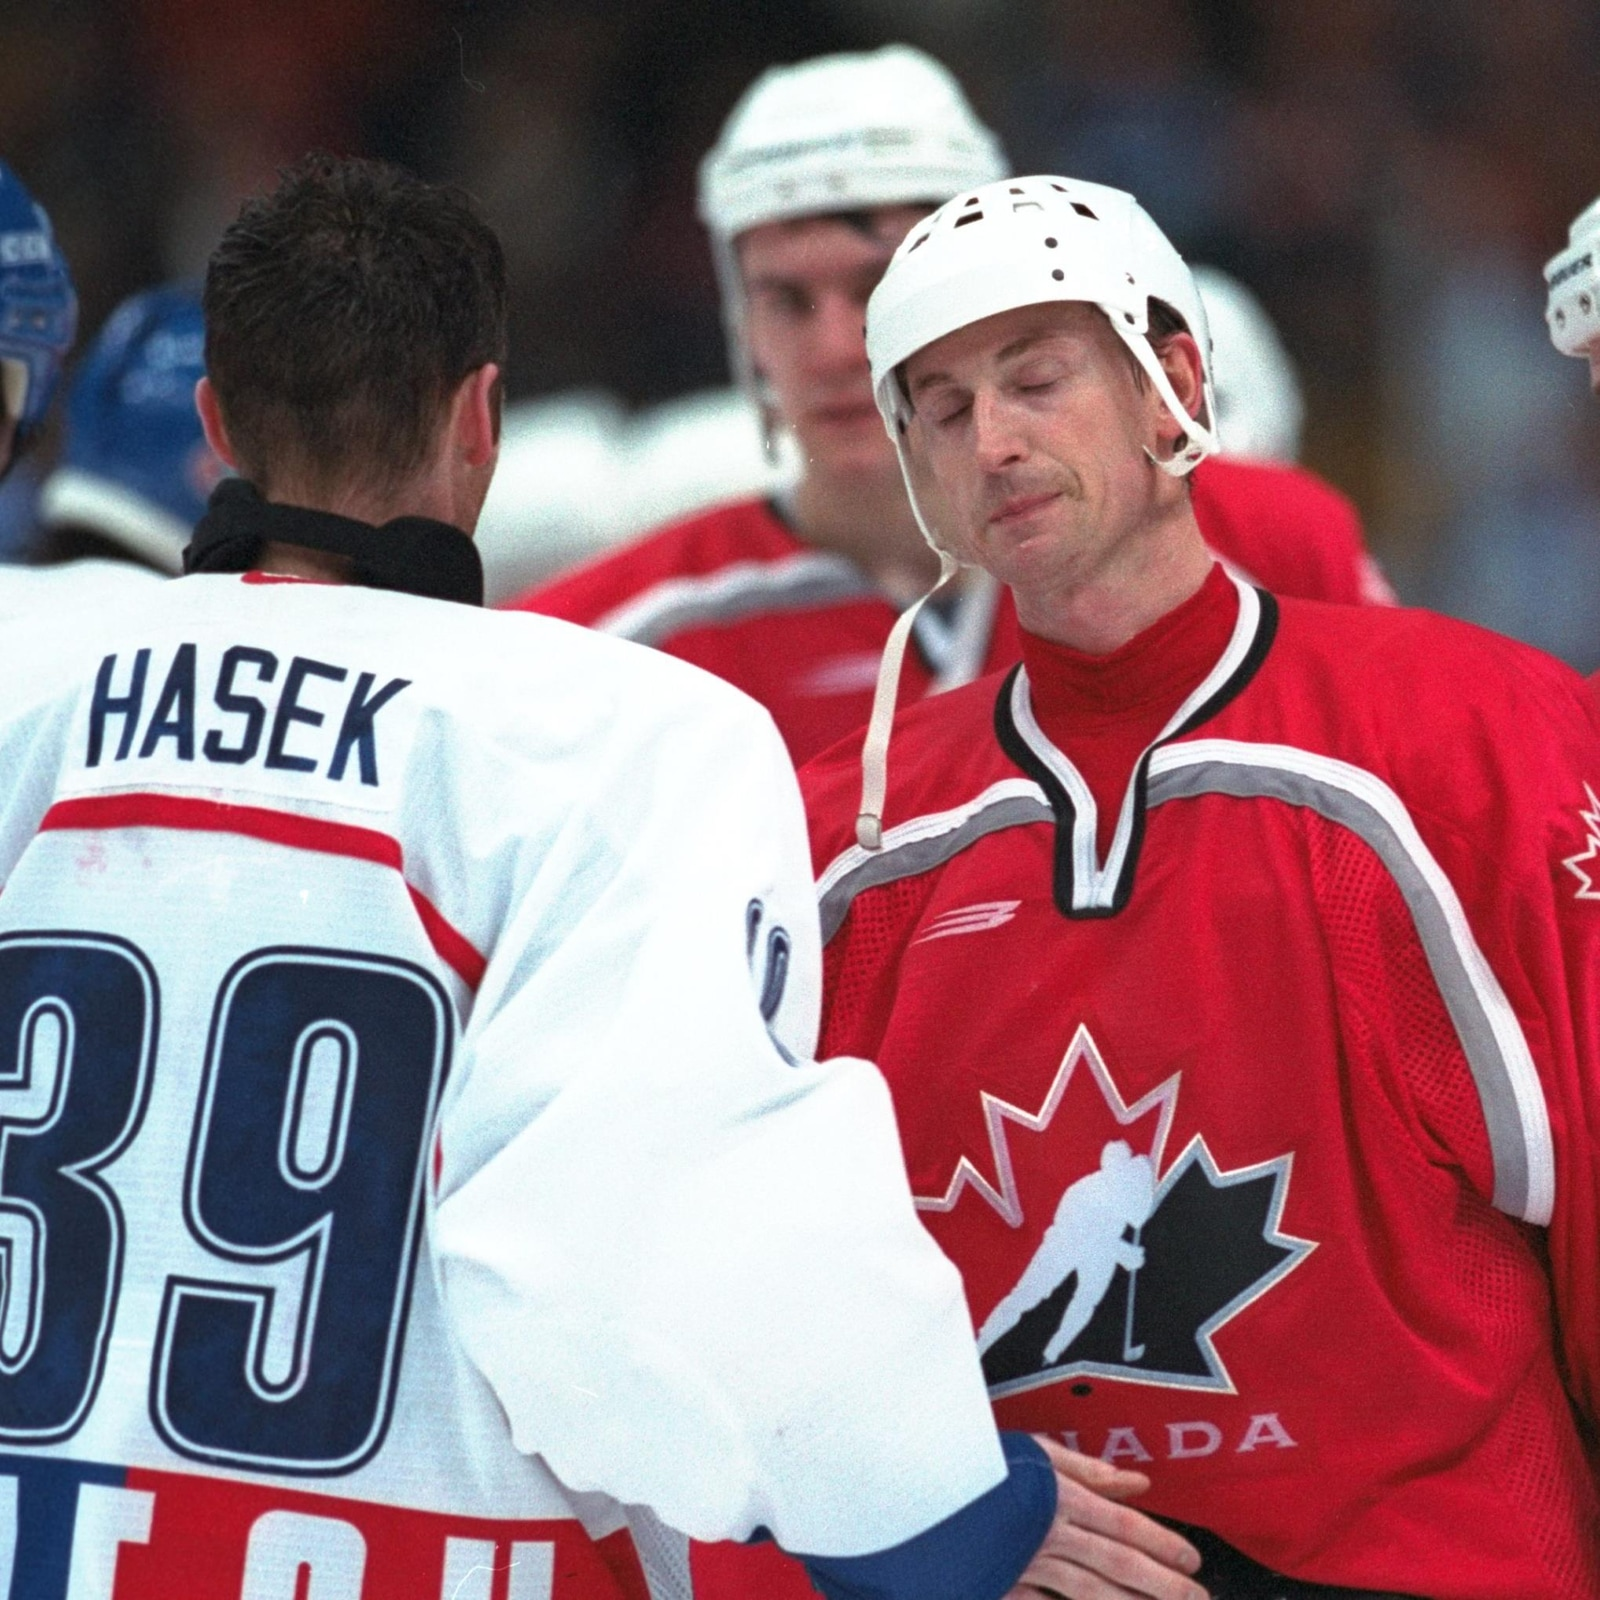 Wayne Gretzky félicite Dominik Hasek, de la République tchèque, après l'élimination du Canada en demi-finale du tournoi de hockey masculin des Jeux olympiques de Nagano, en 1998.